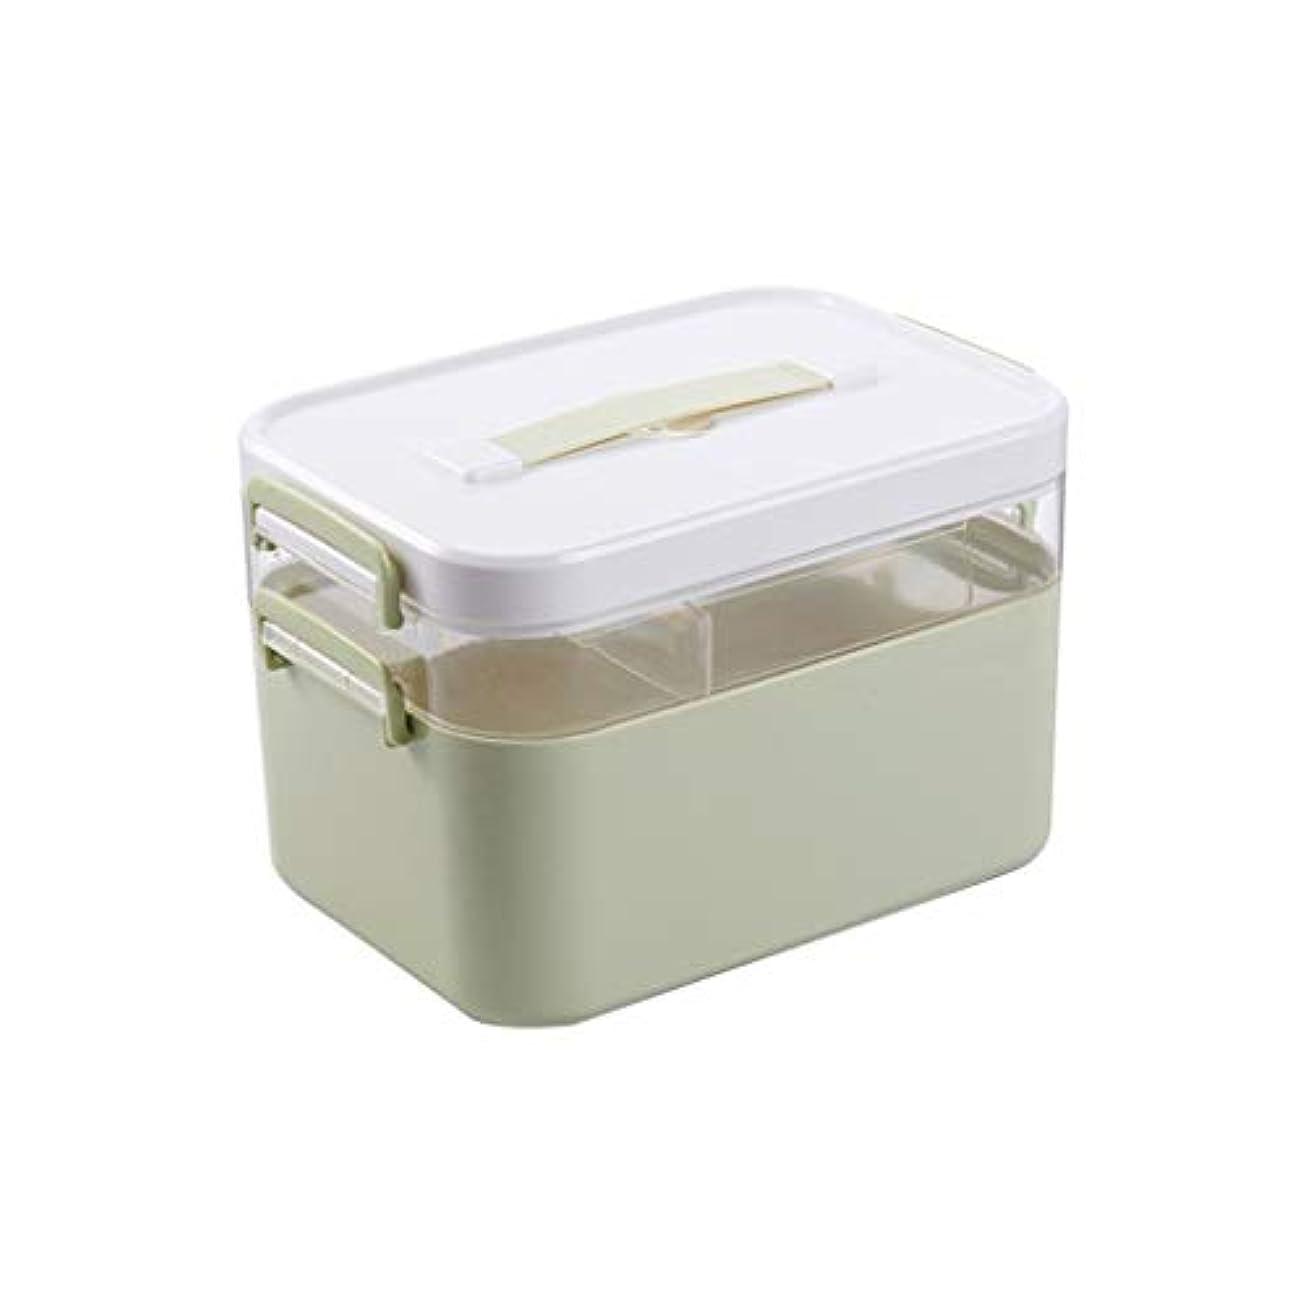 洗練された幻想透ける薬箱ポータブル多機能薬収納ボックス大容量ポータブルデザイントップ透明簡単観察する SYFO (Color : Green, Size : 28.5×19.5×18.5cm)